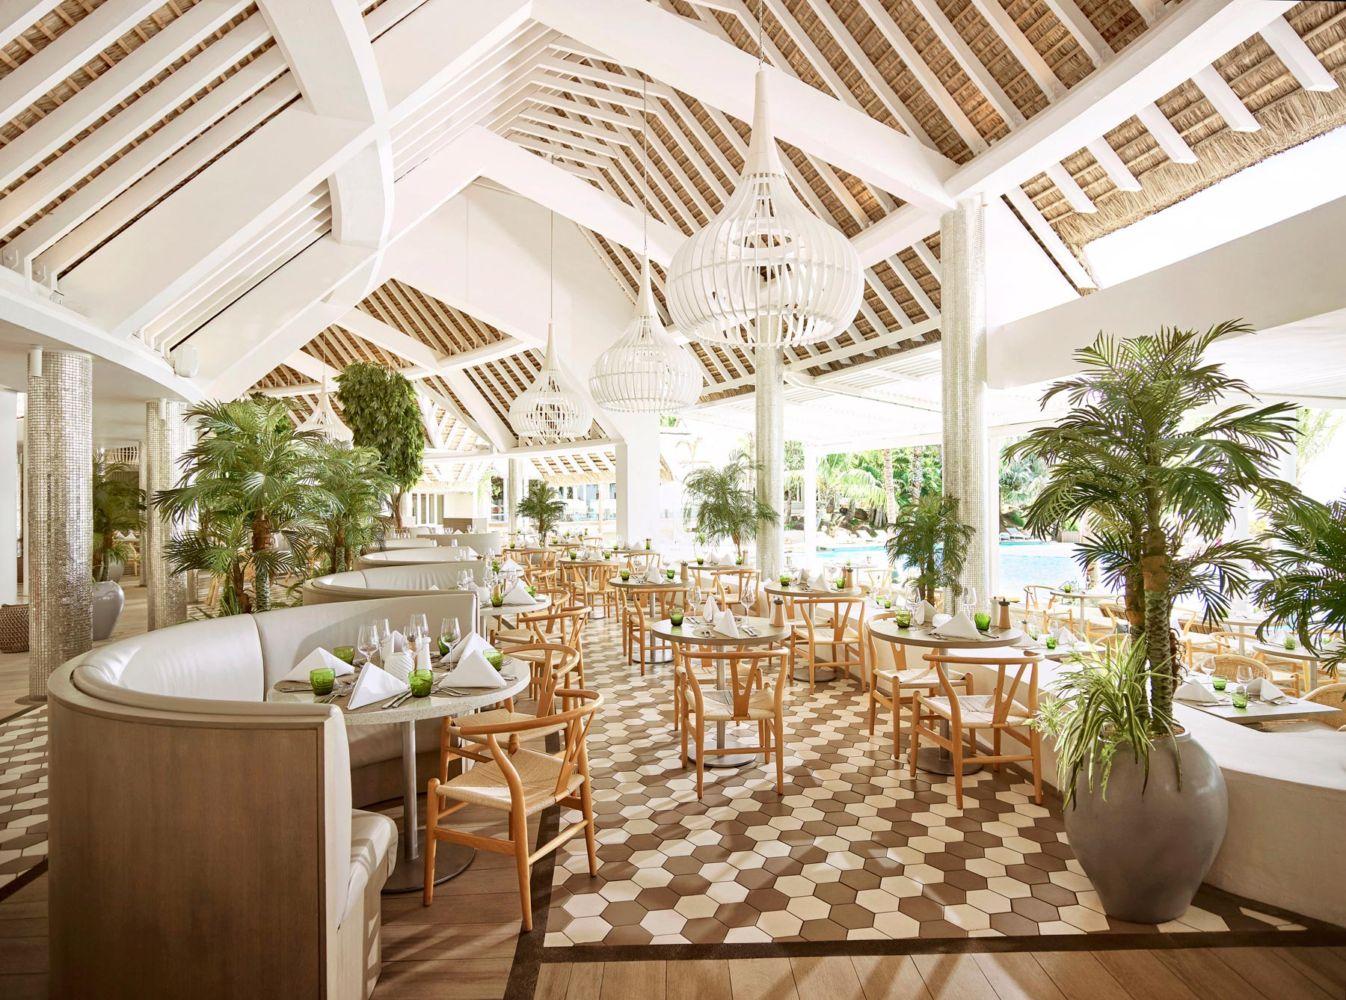 hotel-mauritius-design-decor-luxury1